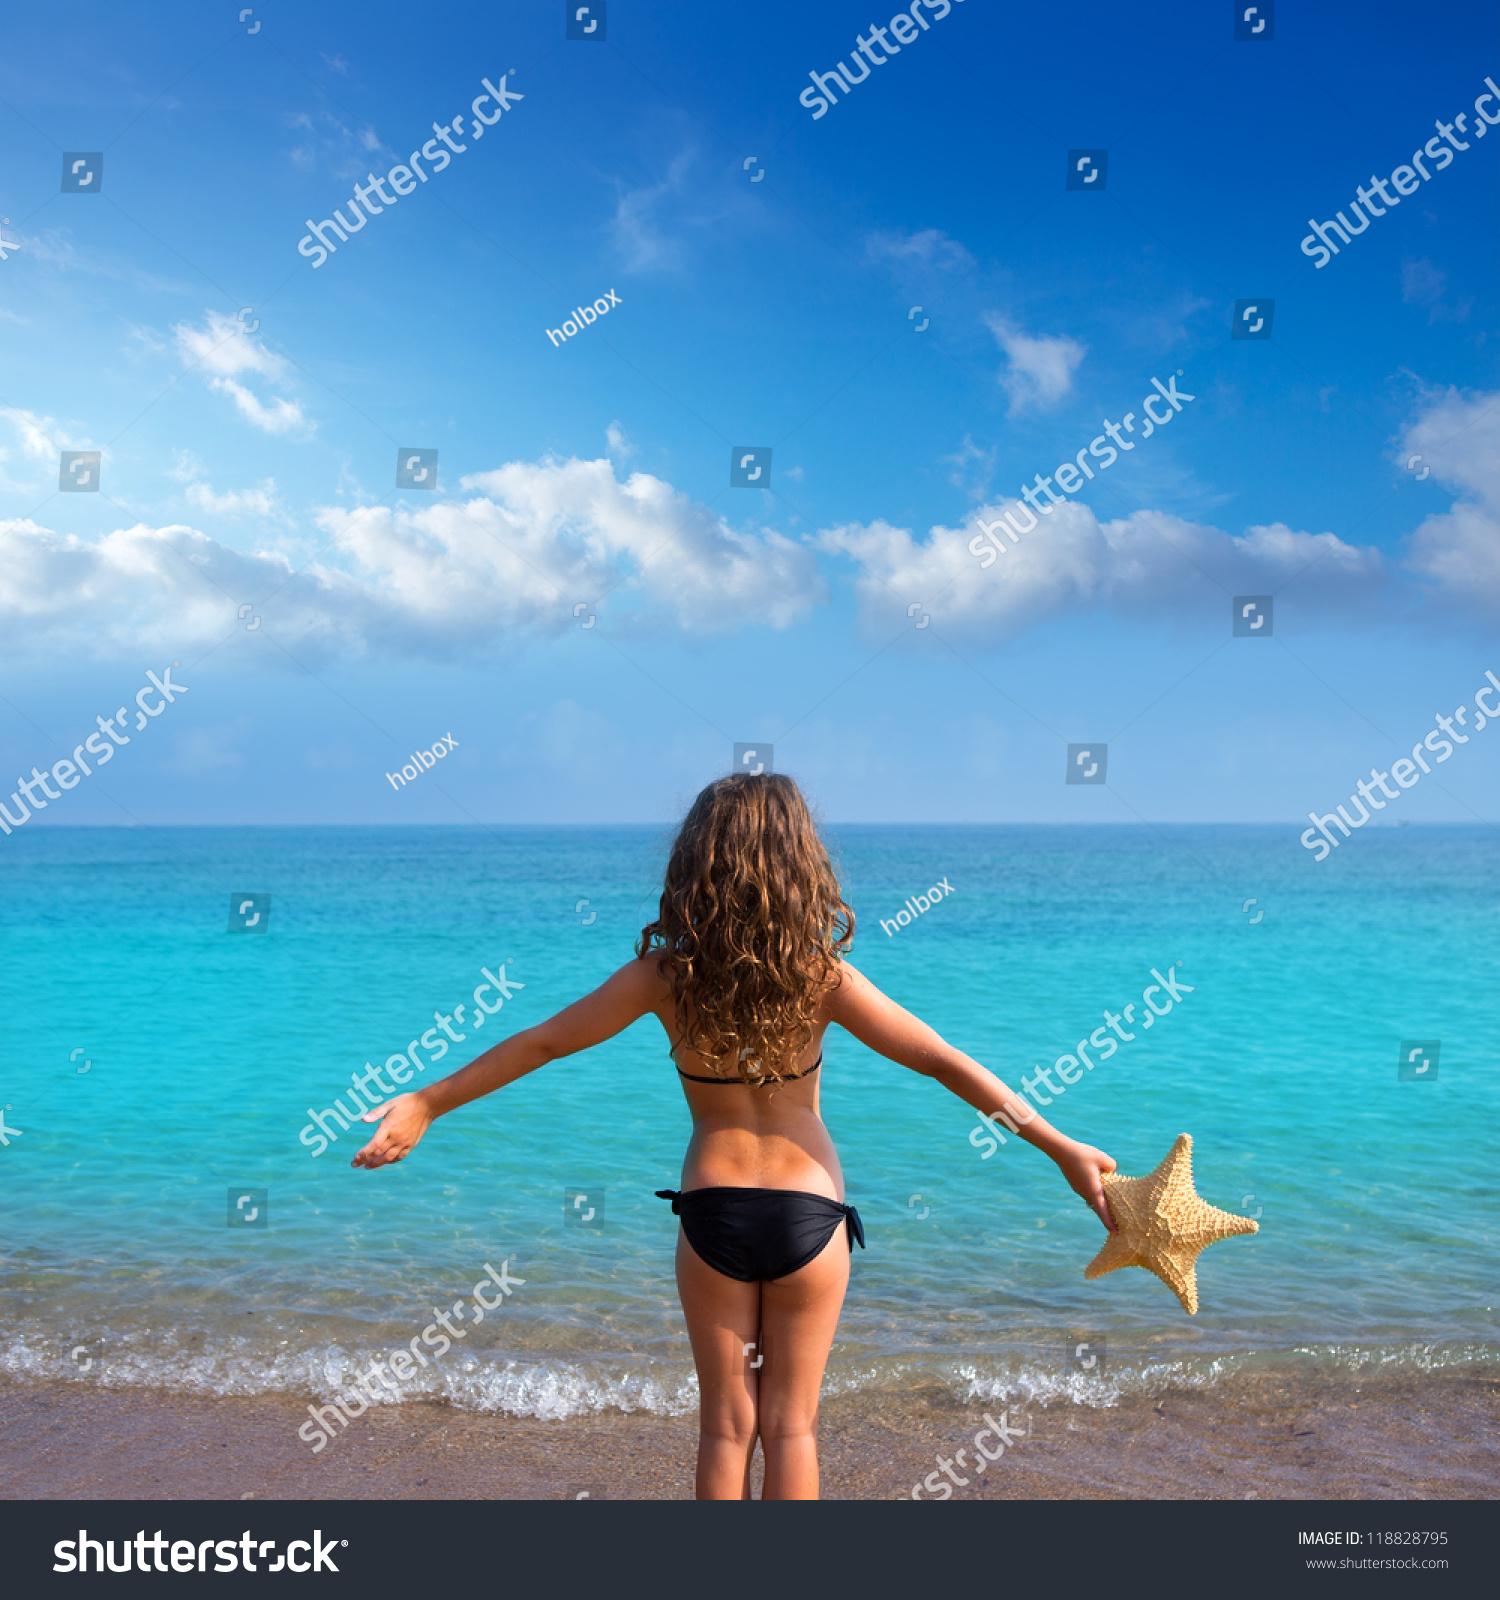 preeteens bikini blue beach kid girl with bikini holding starfish looking sea in rear view